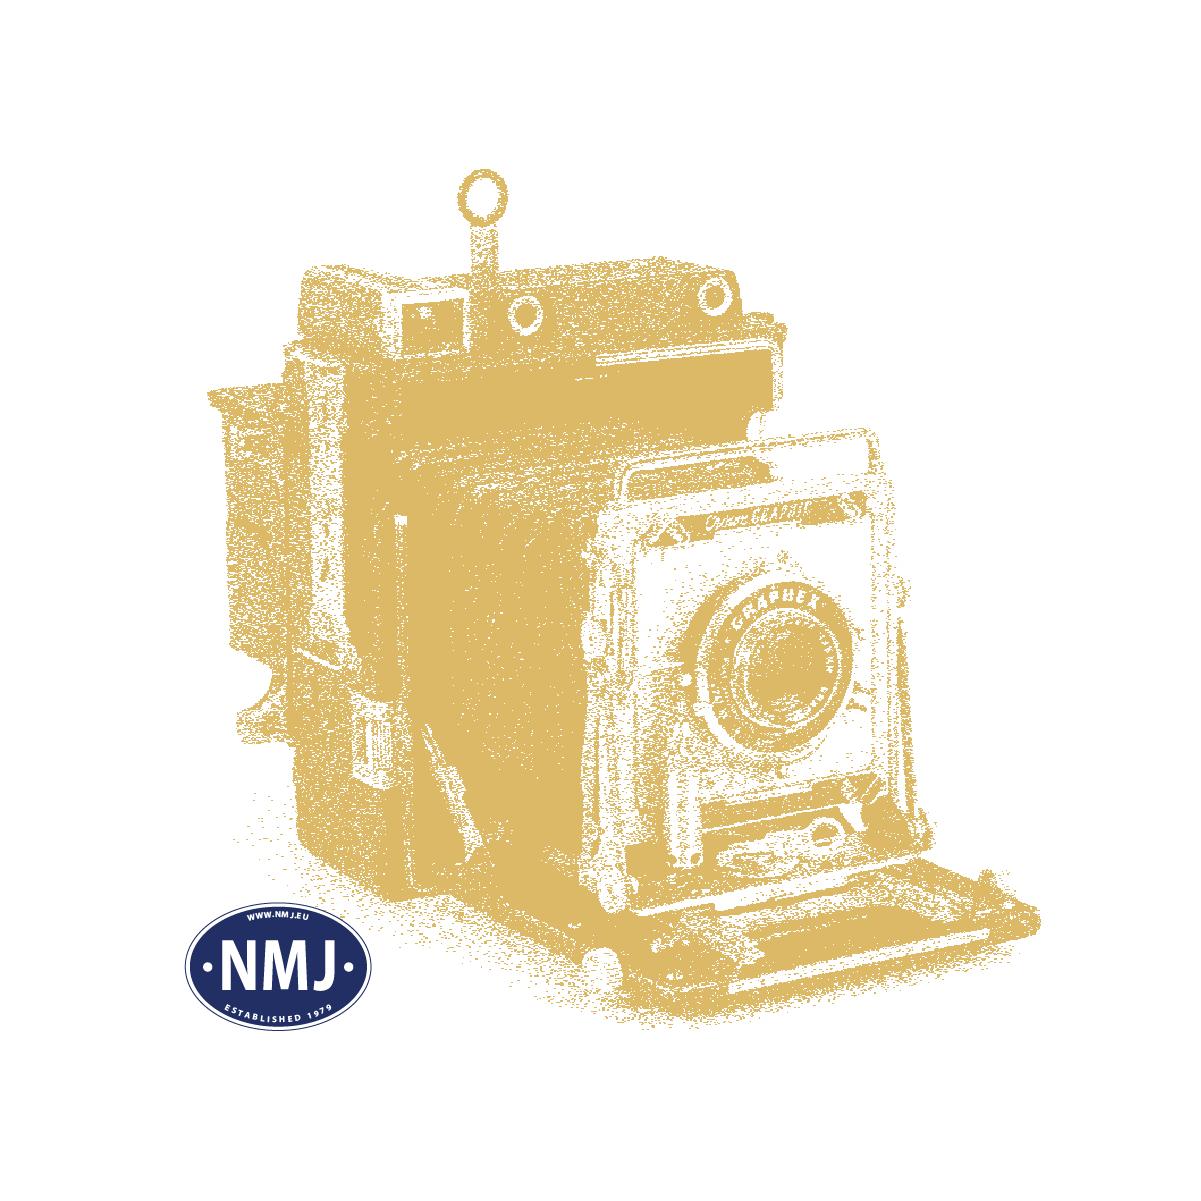 Topline Personvogner, NMJT404.105-NMJ Topline-MAV-Start-2 Cl.-Coach-Bmz 20-91 104-5-New Design-H0, NMJT404.106